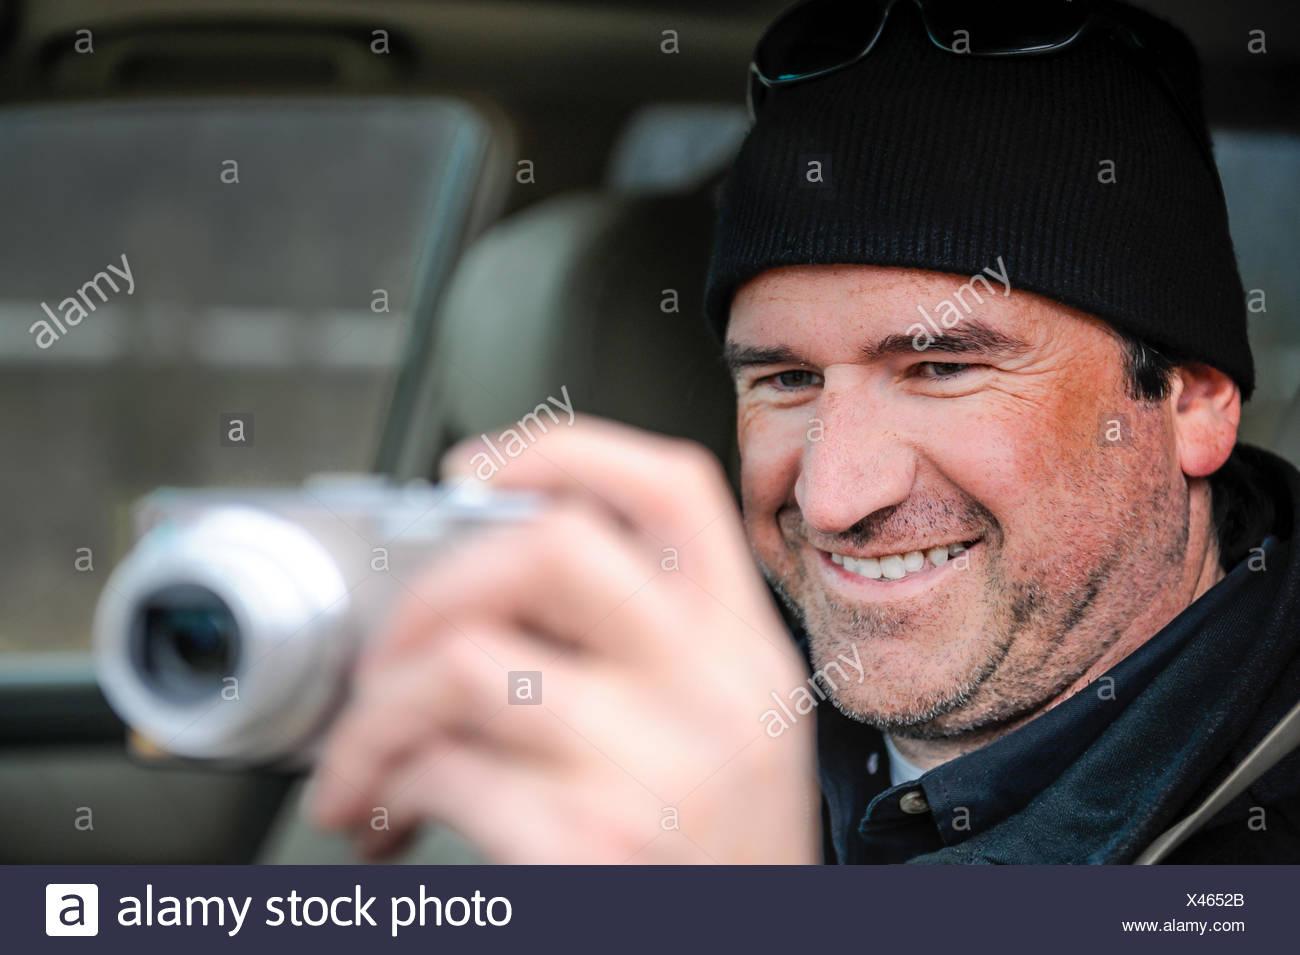 Smiling man taking photo through his car window - Stock Image